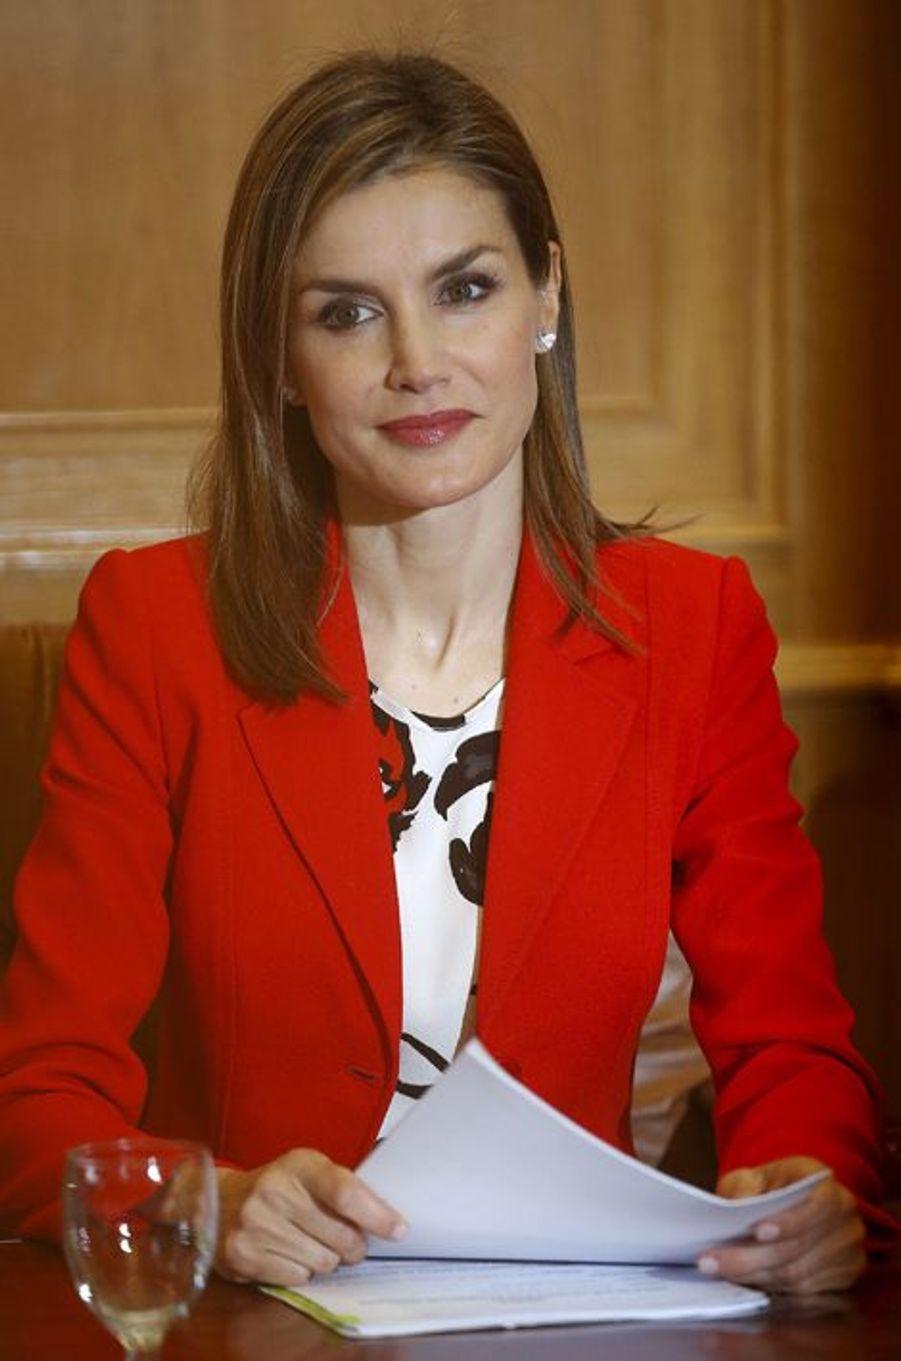 La reine Letizia d'Espagne à l'Académie d'artillerie de Segovia, le 13 avril 2015